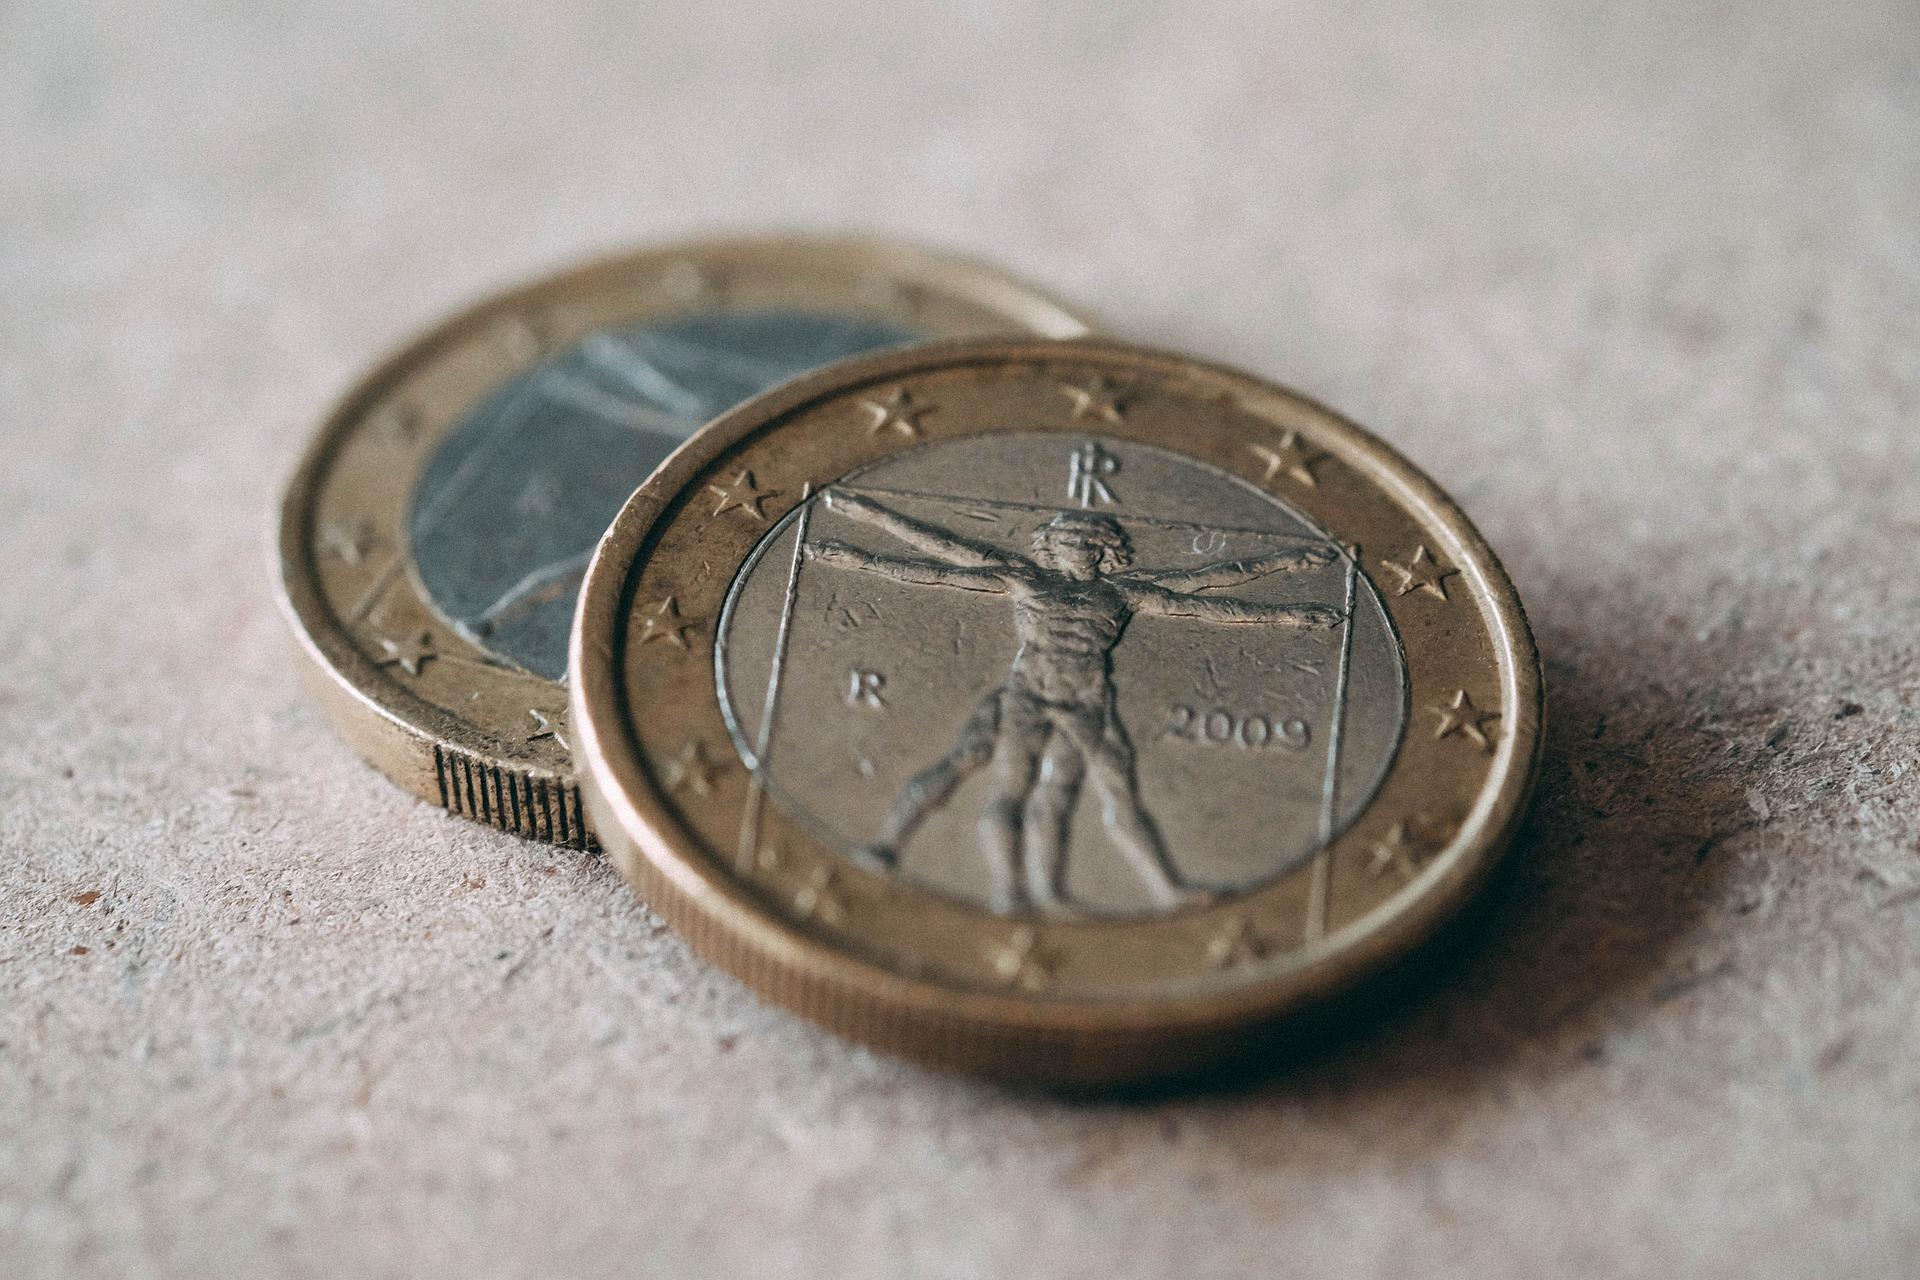 Pièces d'euros d'Italie @Pixabay CC0 - fancycrave1